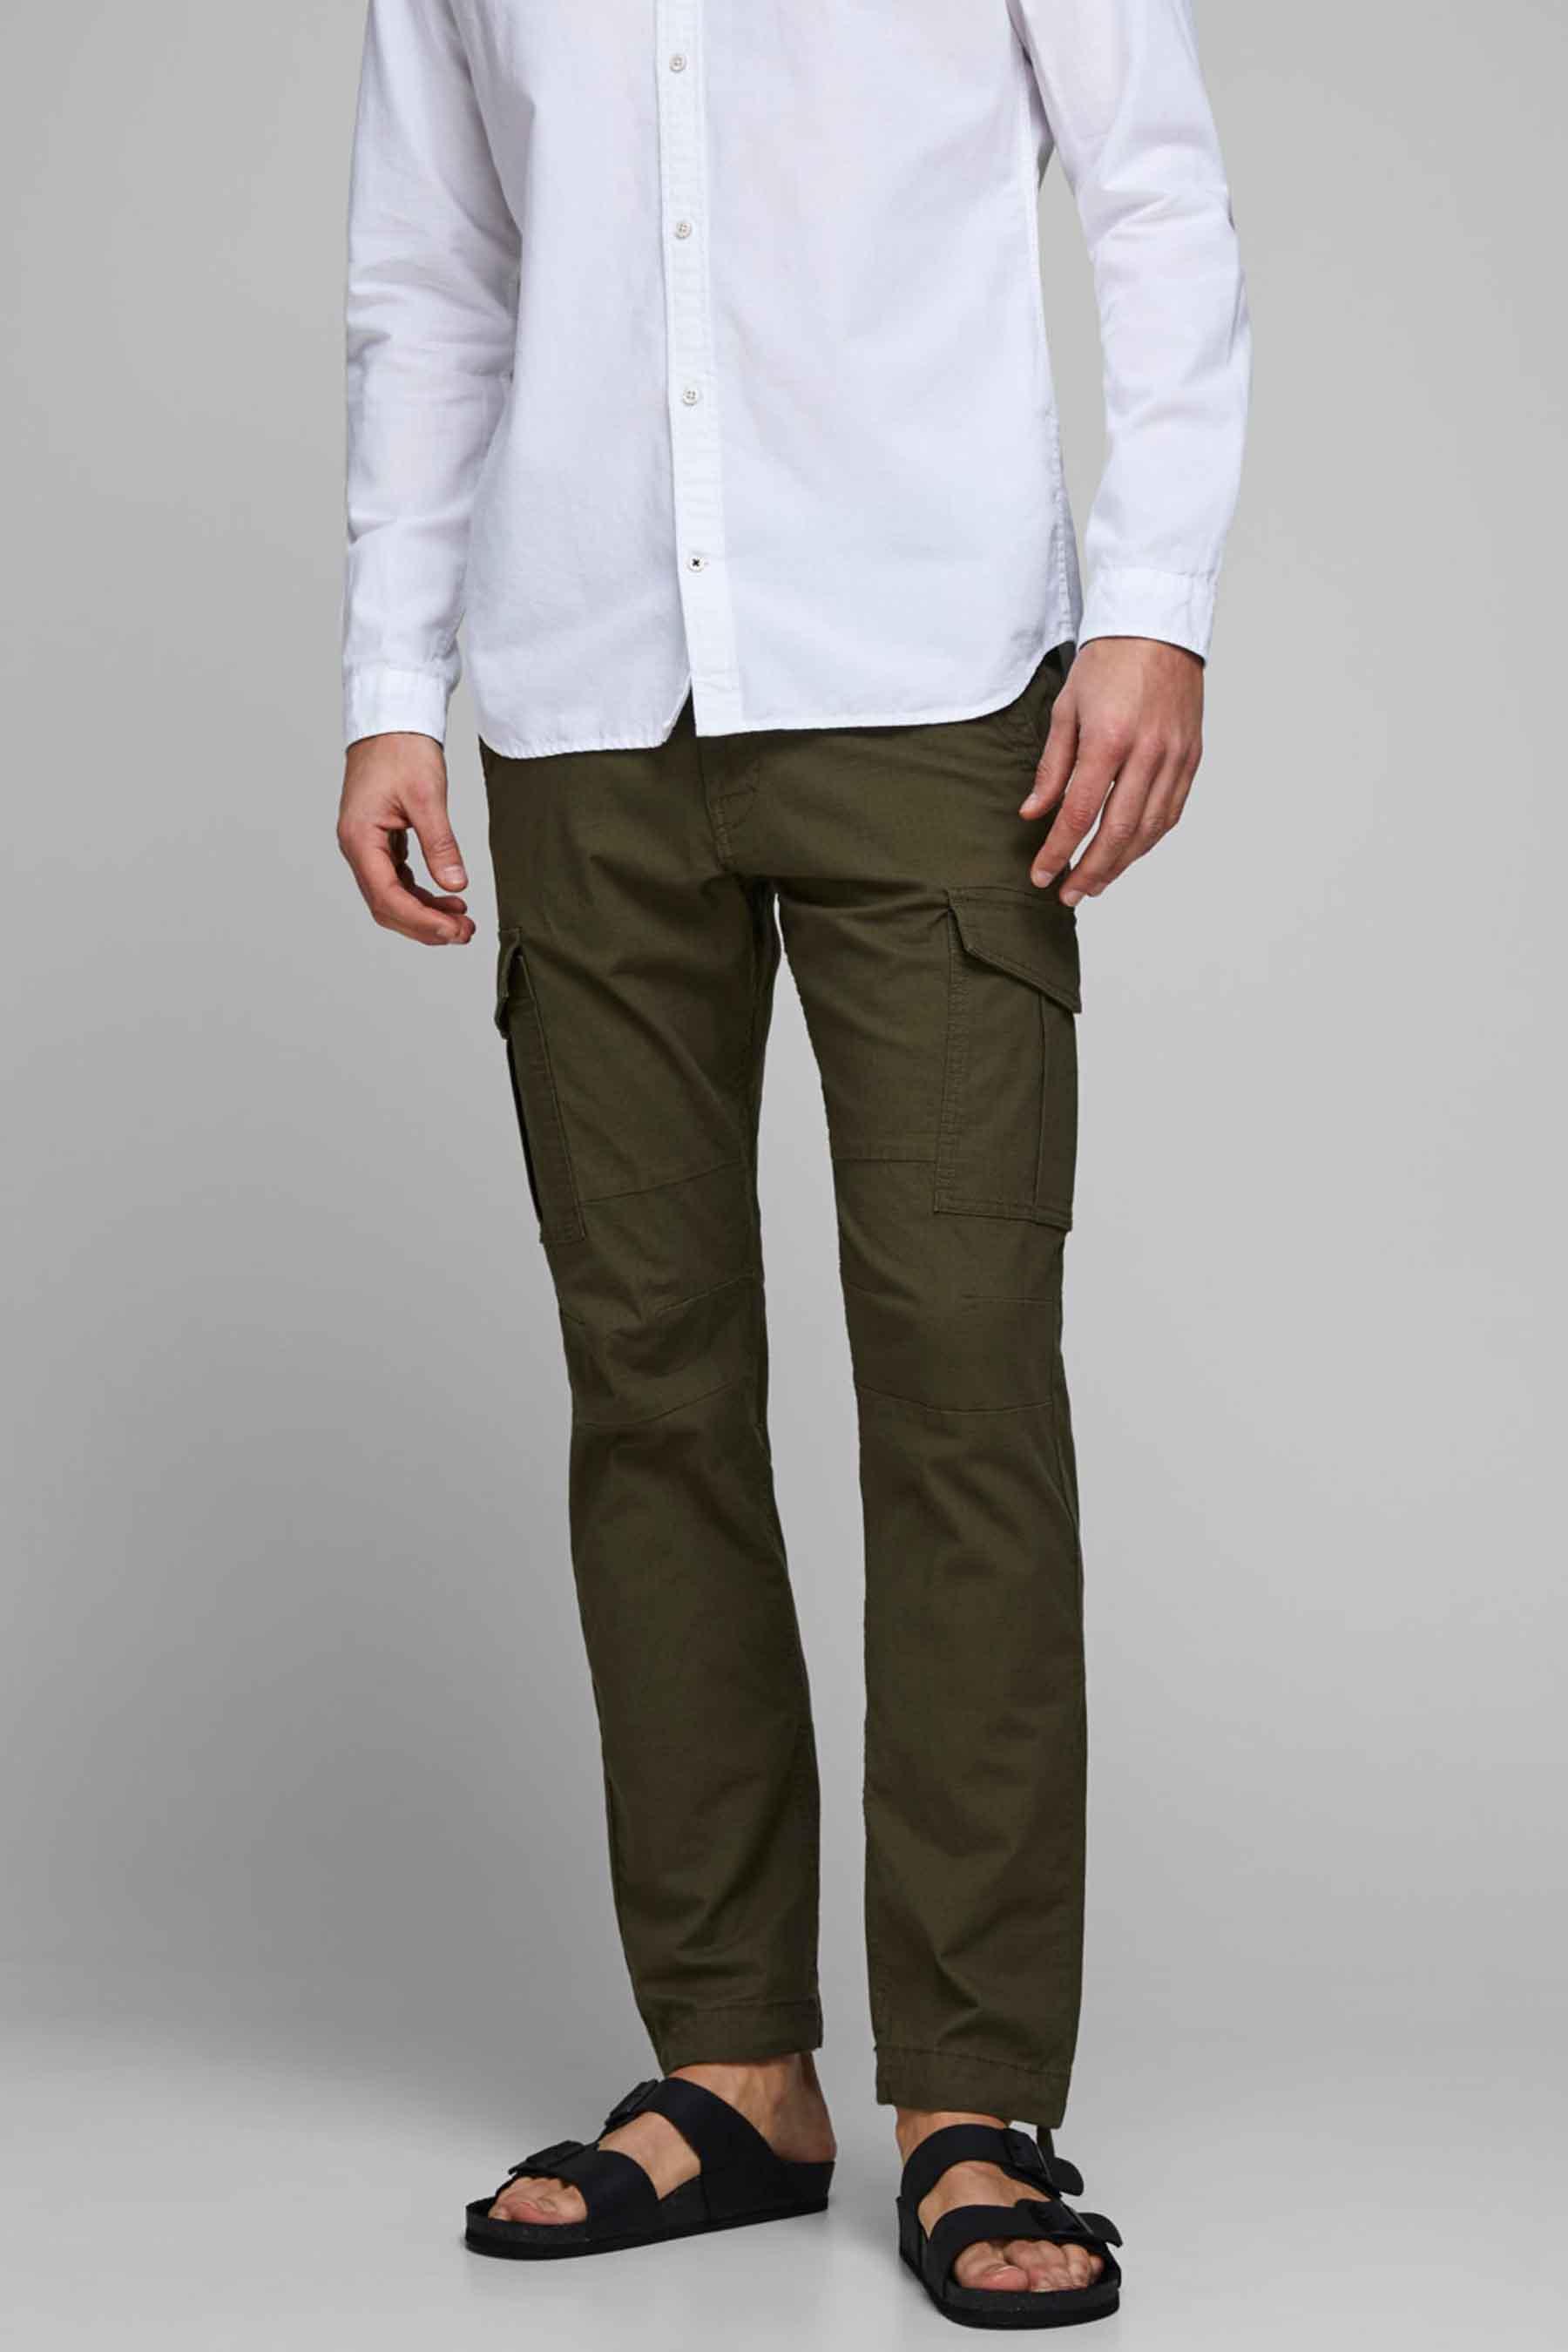 Jack & Jones Jeans Intelligence Broek, Olive, Heren, Maat: 38x32